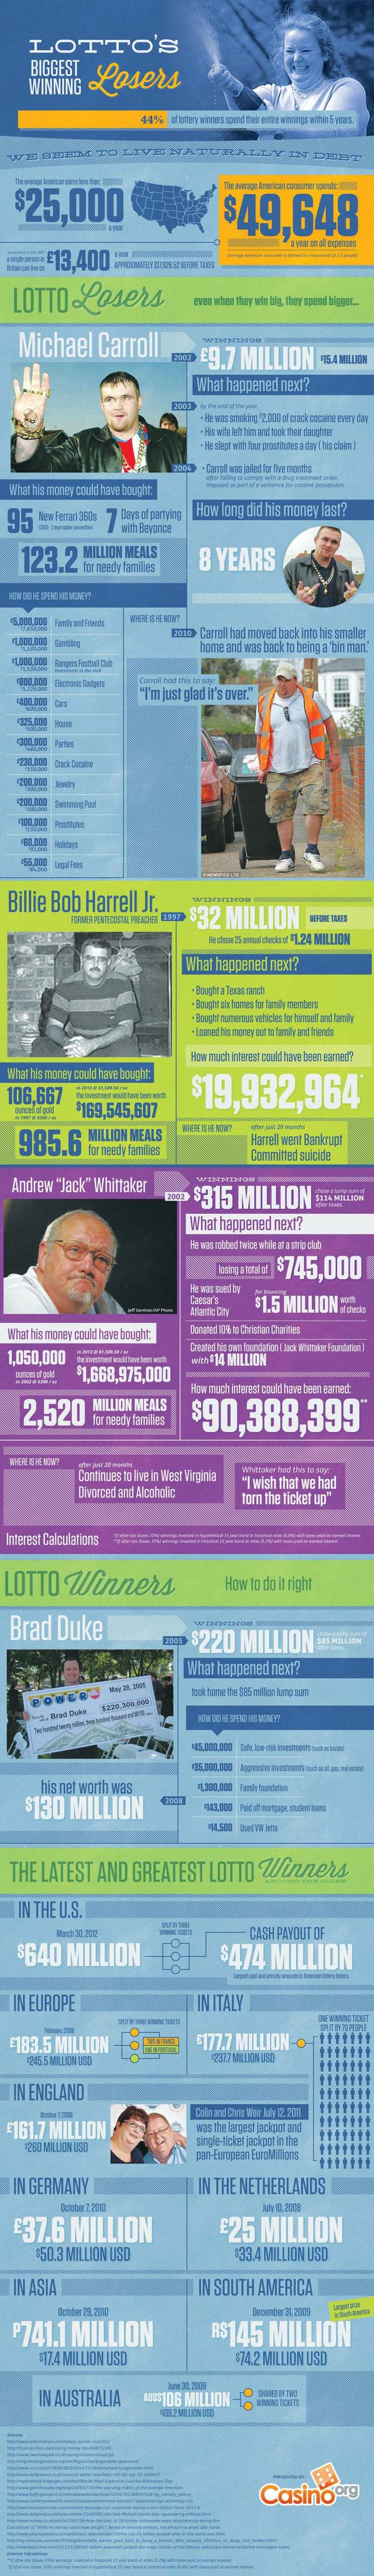 Lotto-losers